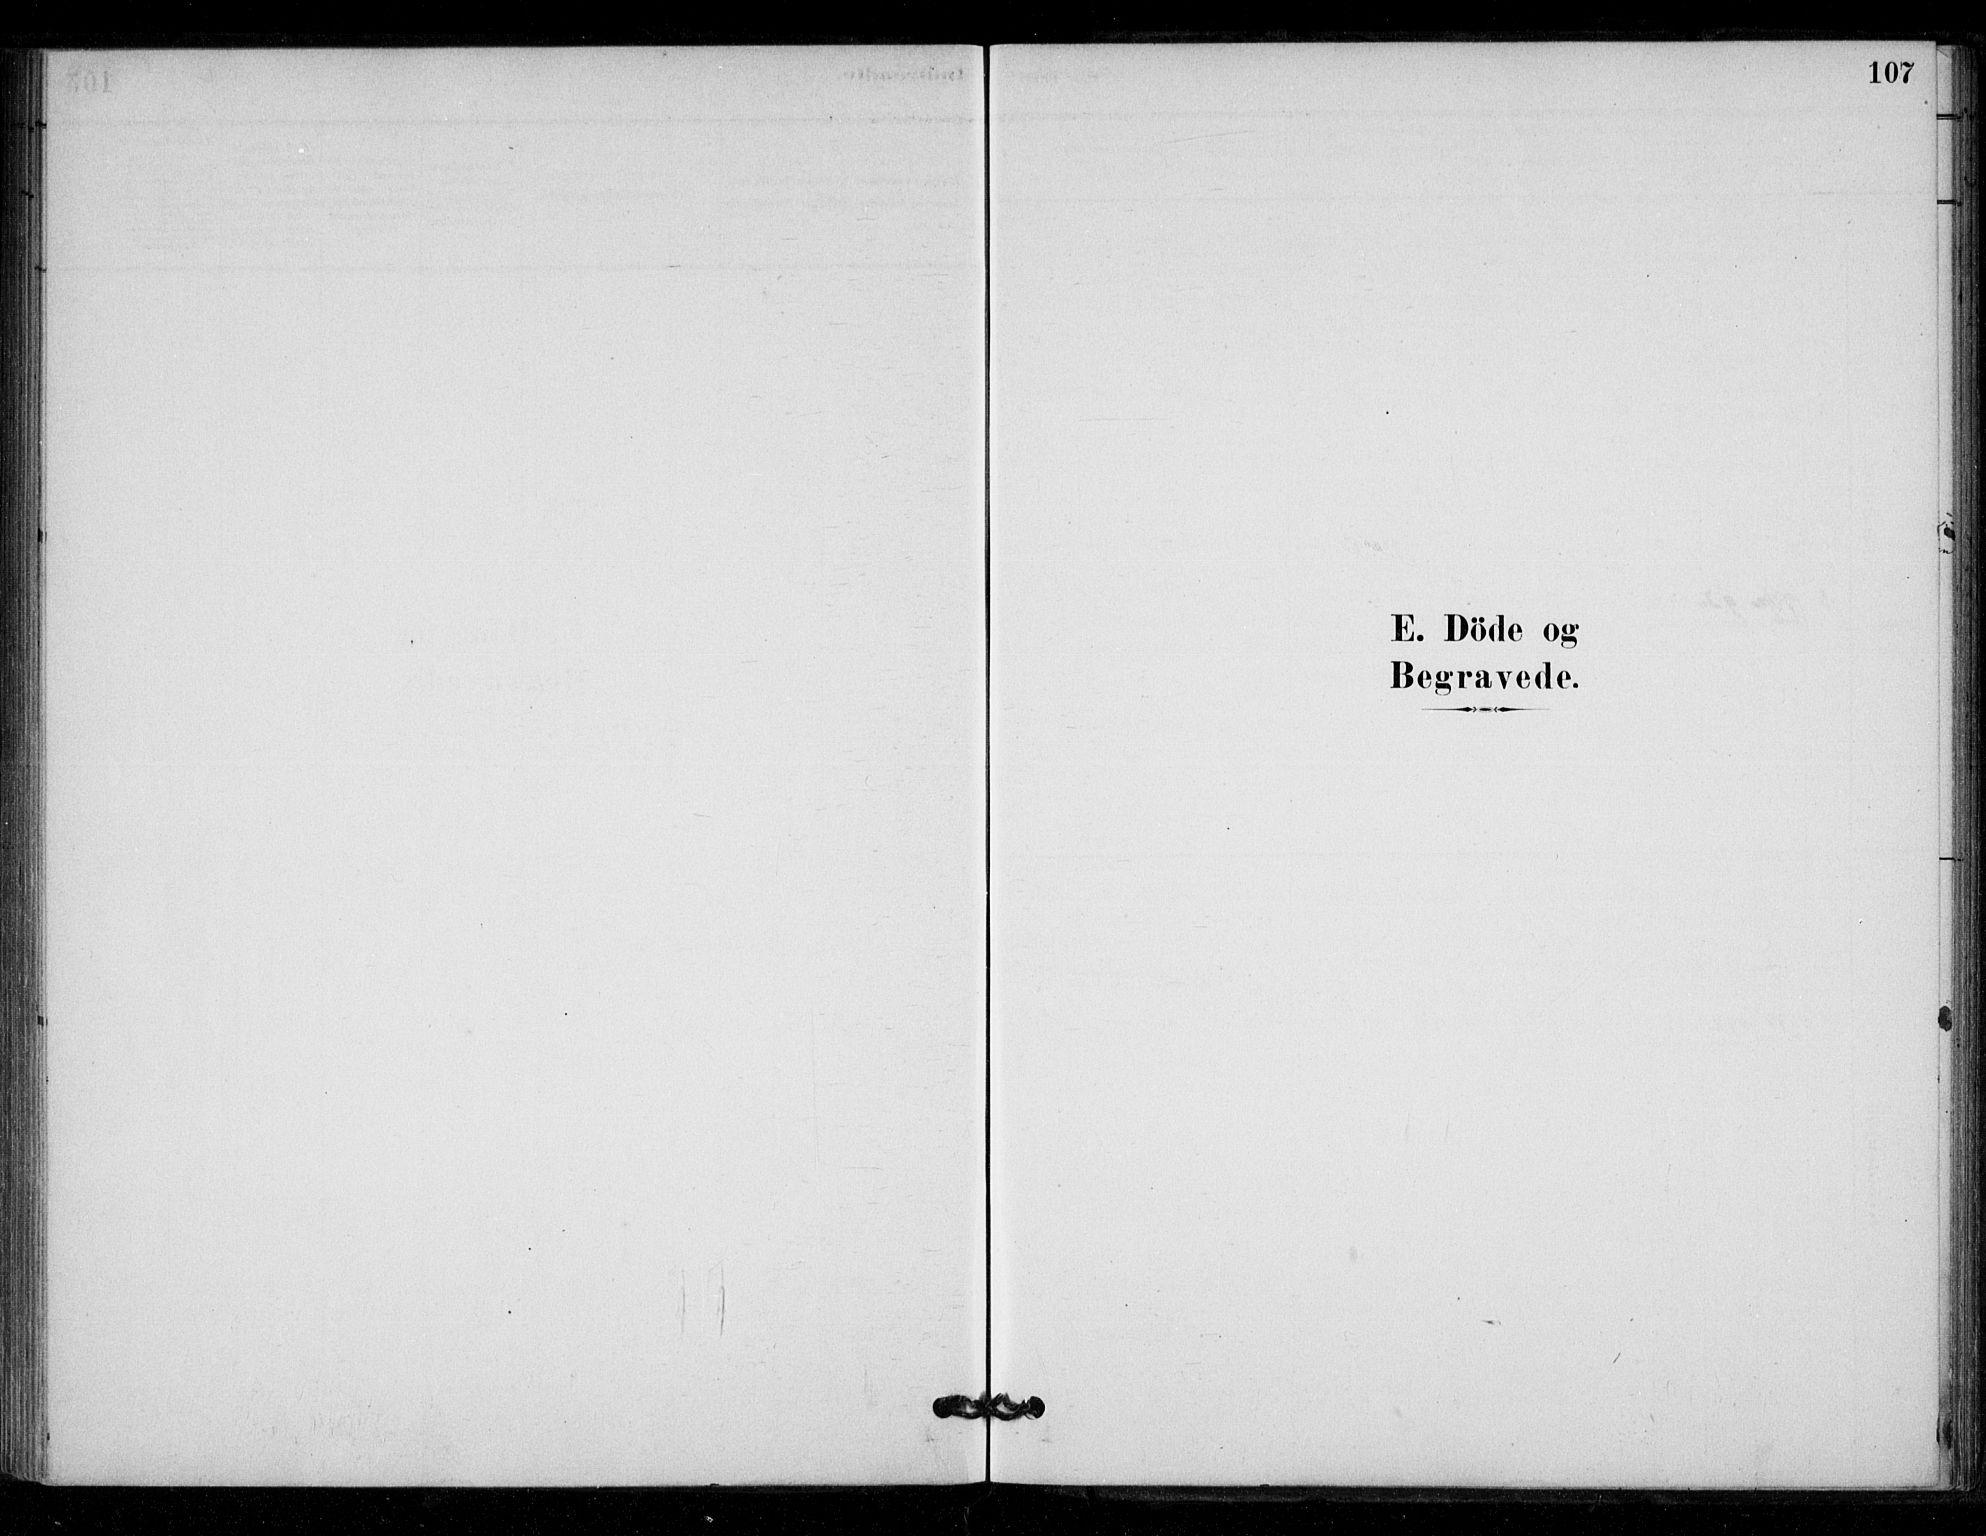 SAT, Ministerialprotokoller, klokkerbøker og fødselsregistre - Sør-Trøndelag, 670/L0836: Ministerialbok nr. 670A01, 1879-1904, s. 107